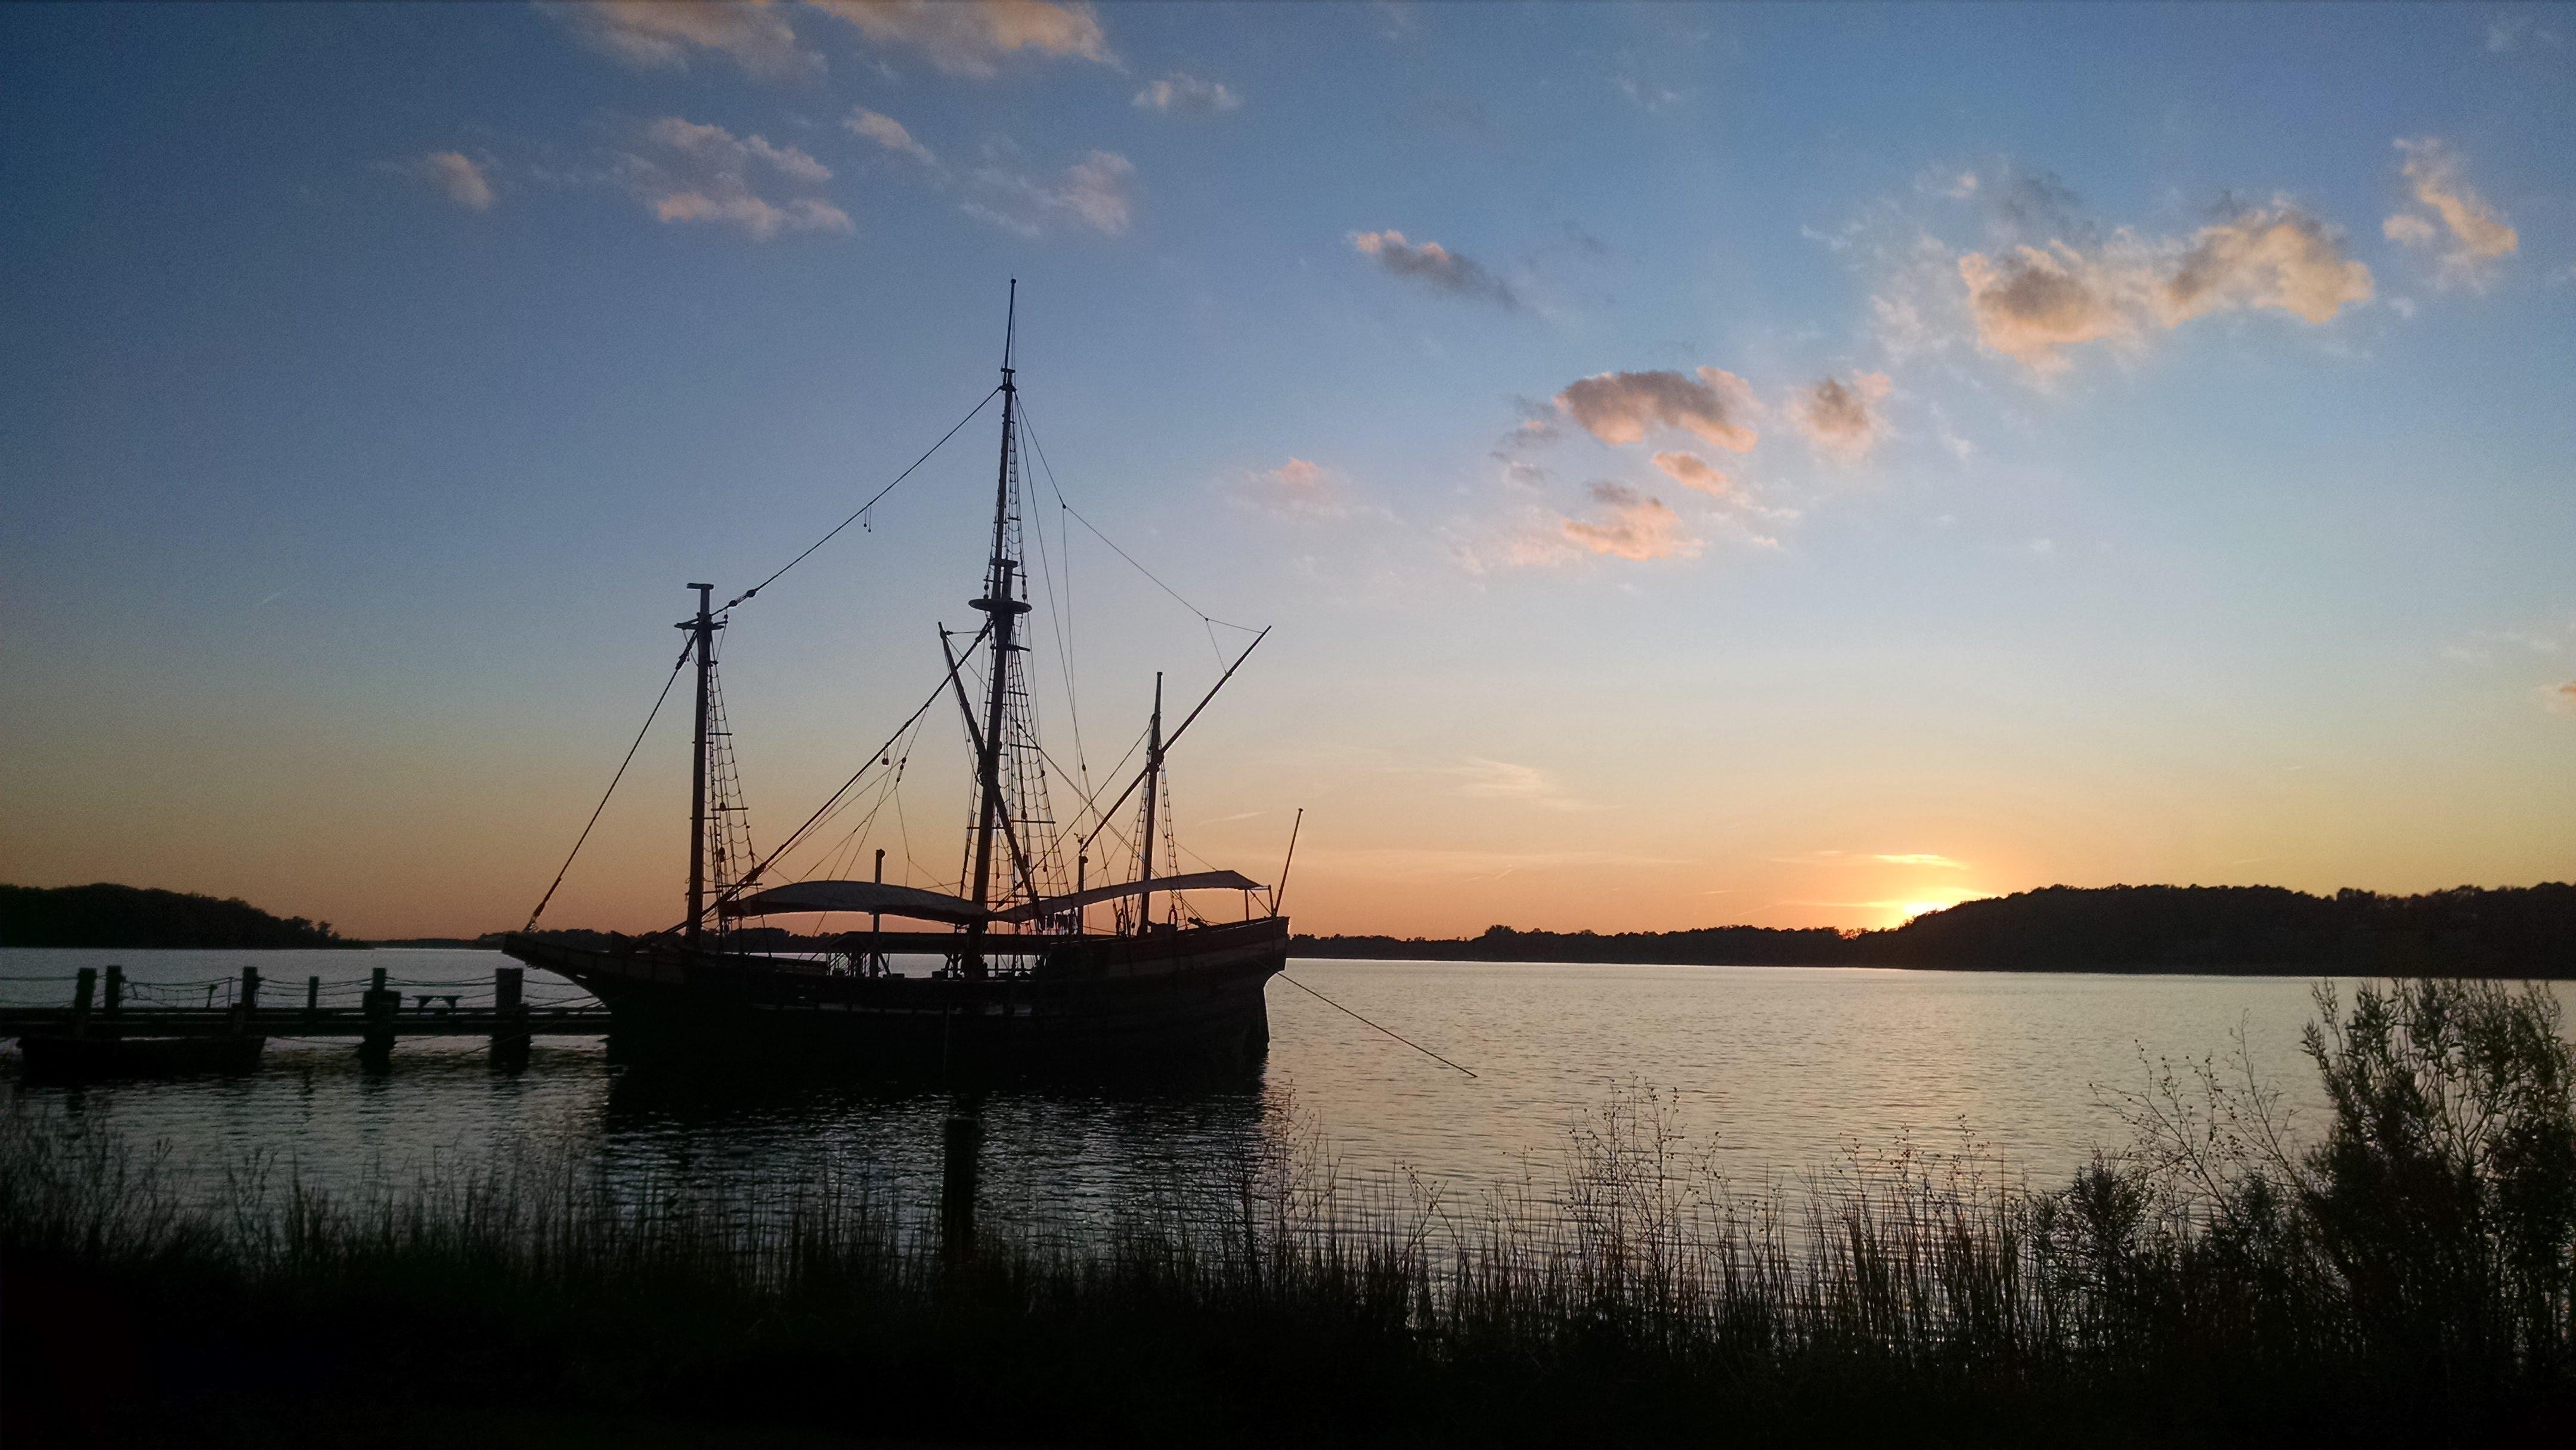 The Dove ship docked at Historic St. Mary's City